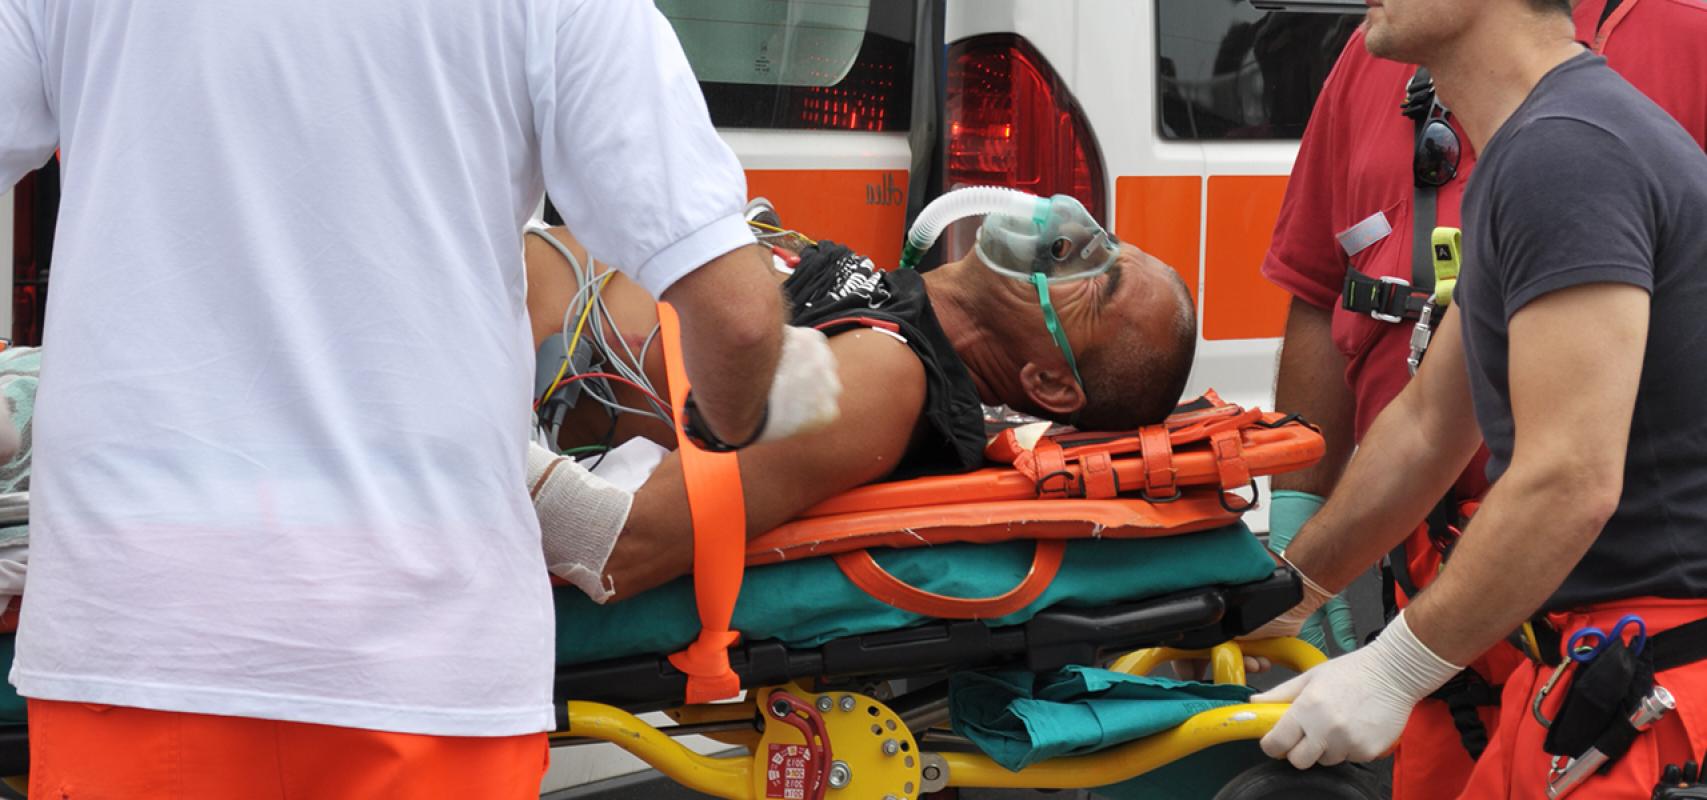 Emergencias y Grandes Catástrofes, Soporte Vital y Técnicas Diagnósticas en el Medio Extrahospitalario para médicos